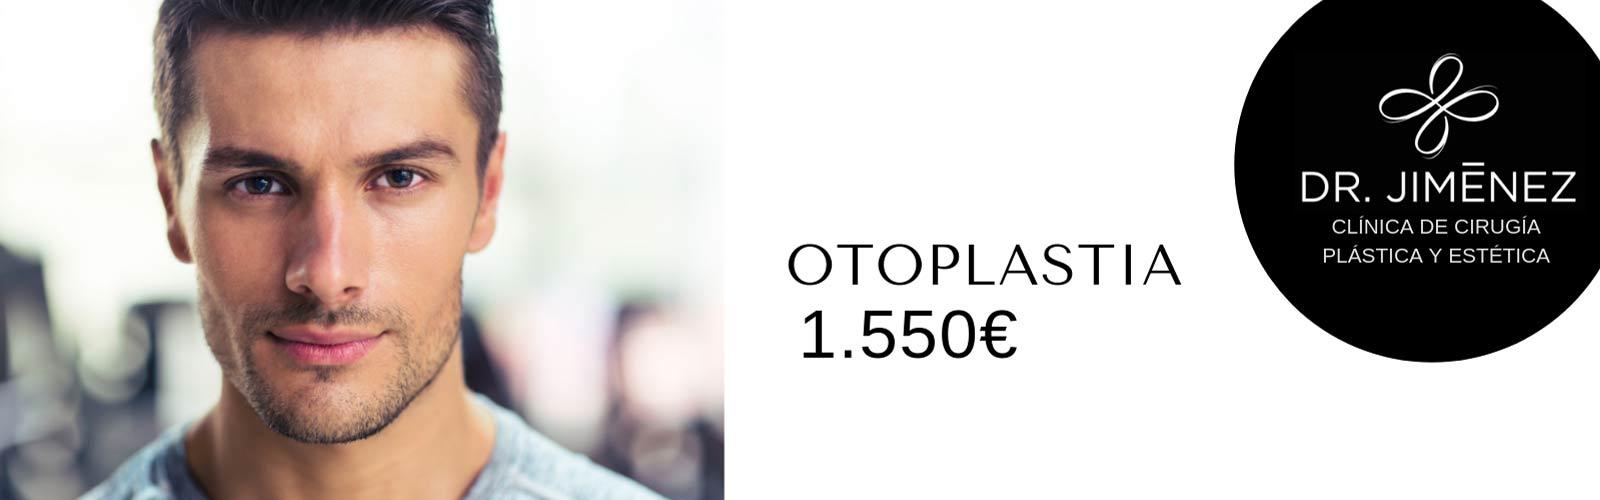 otoplastia-en-murcia-2019